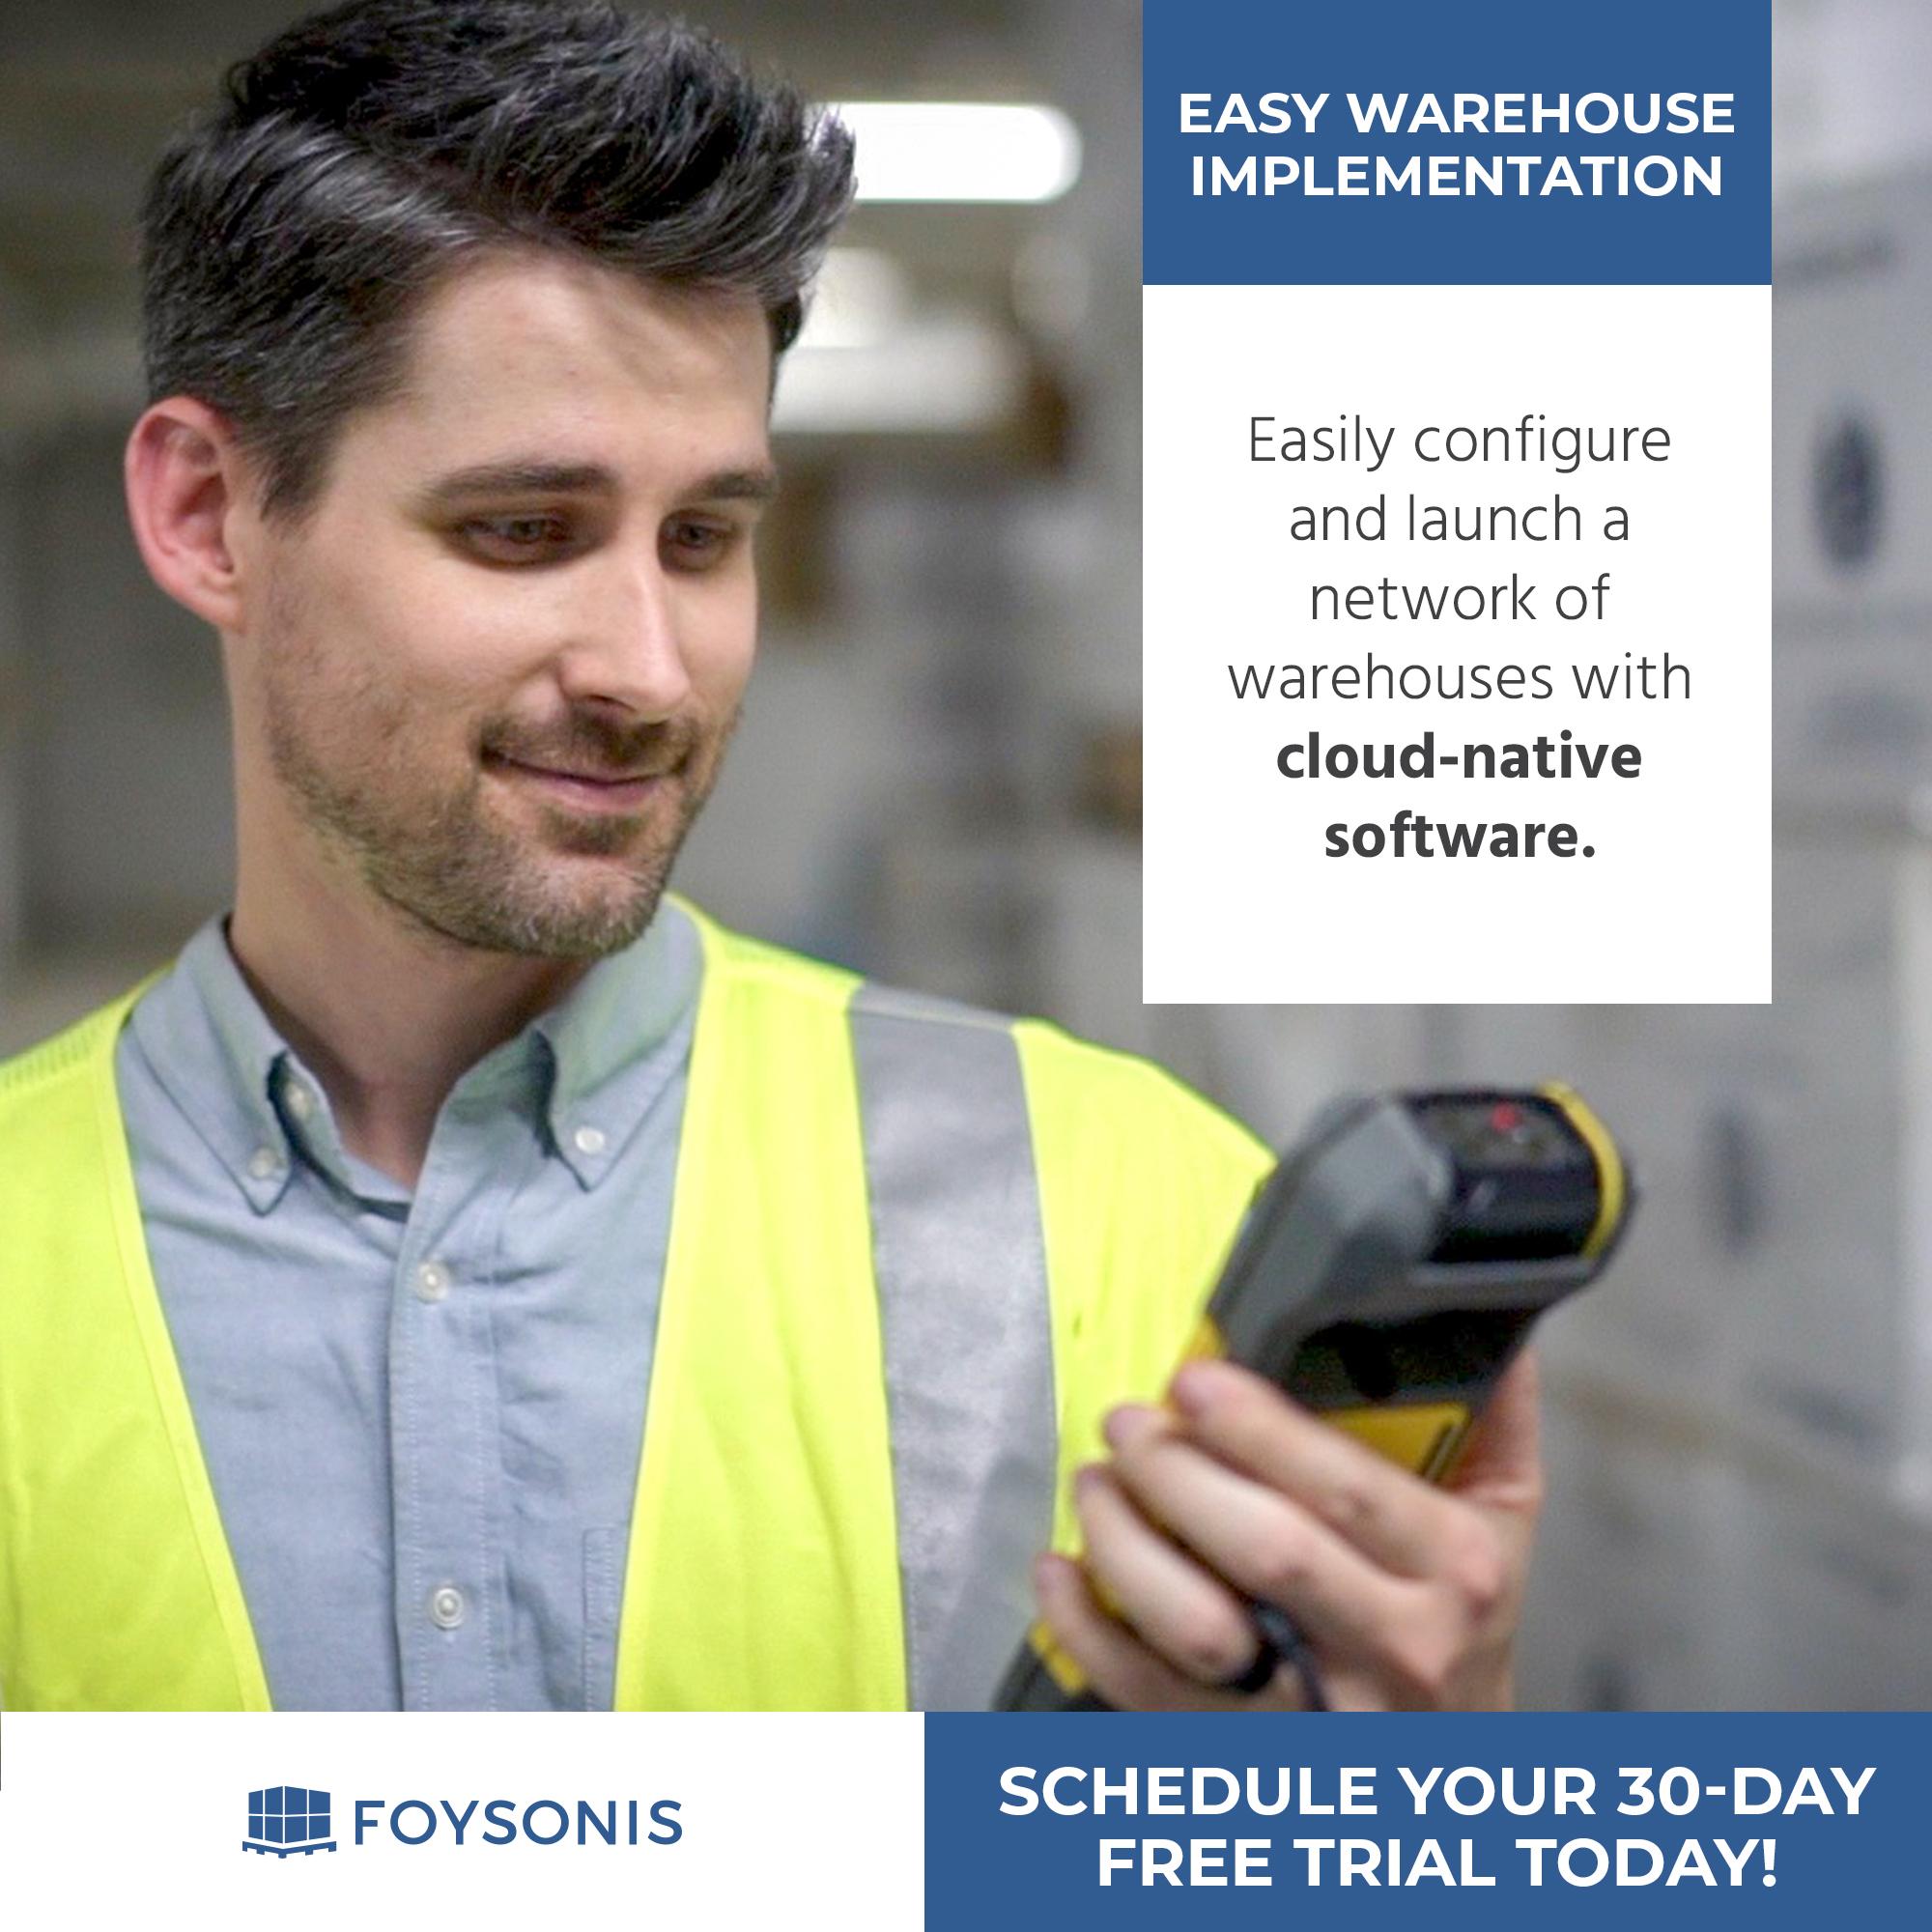 Foysonis Happy User